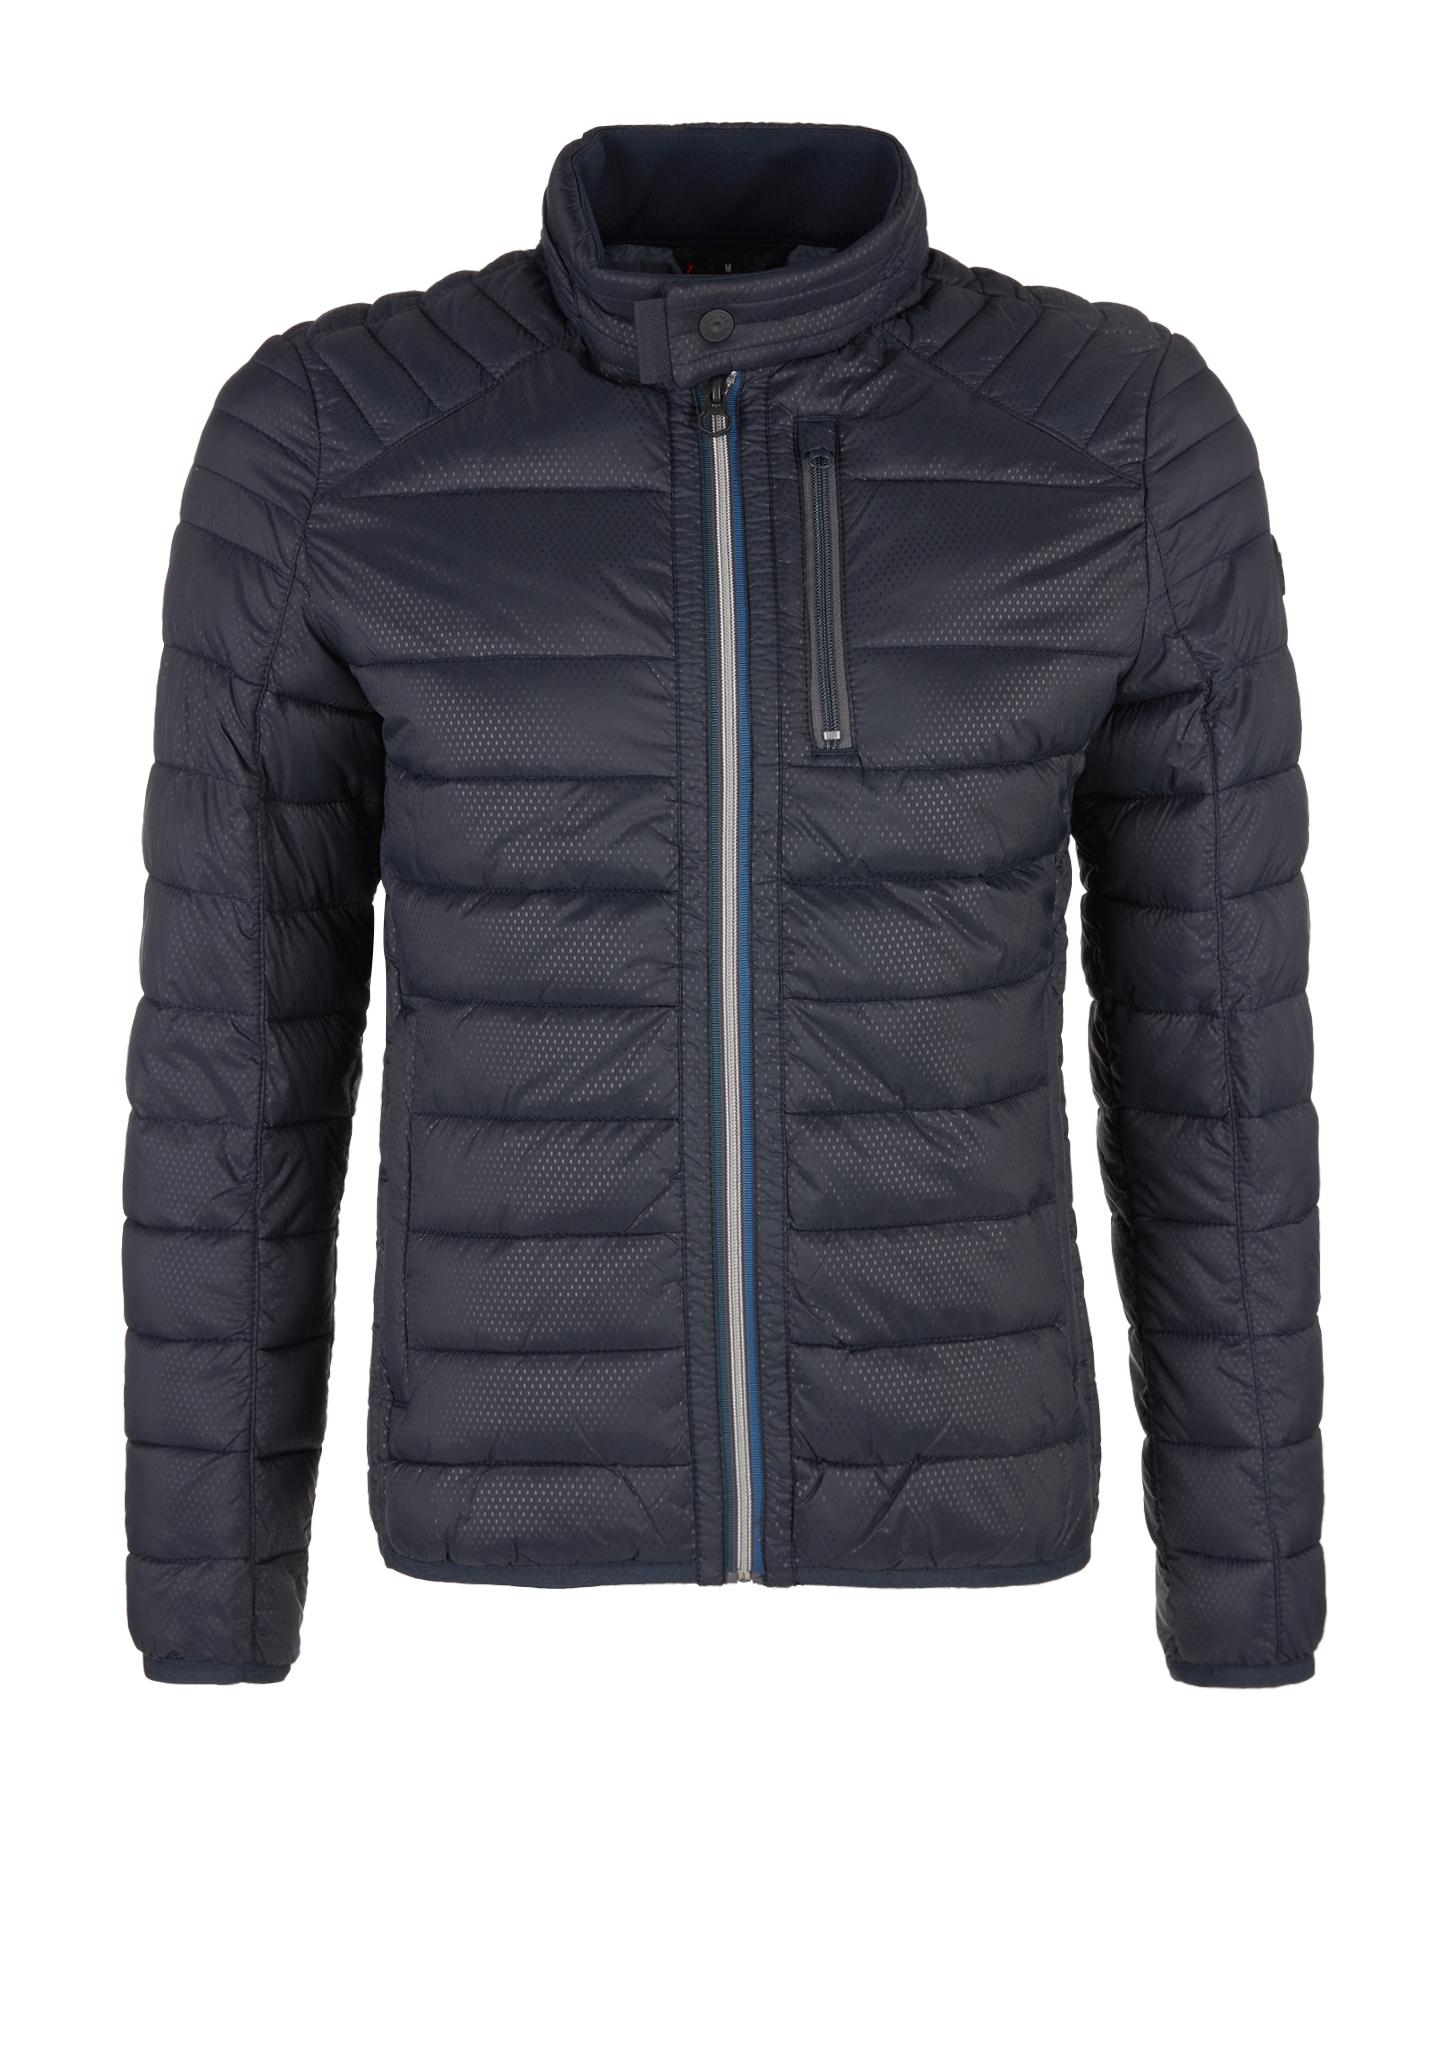 Outdoorjacke | Sportbekleidung | Blau | Oberstoff: 100% polyamid| kragen: 97% polyester -  3% elasthan| futter: 100% polyamid| füllmaterial: 100% polyester | s.Oliver